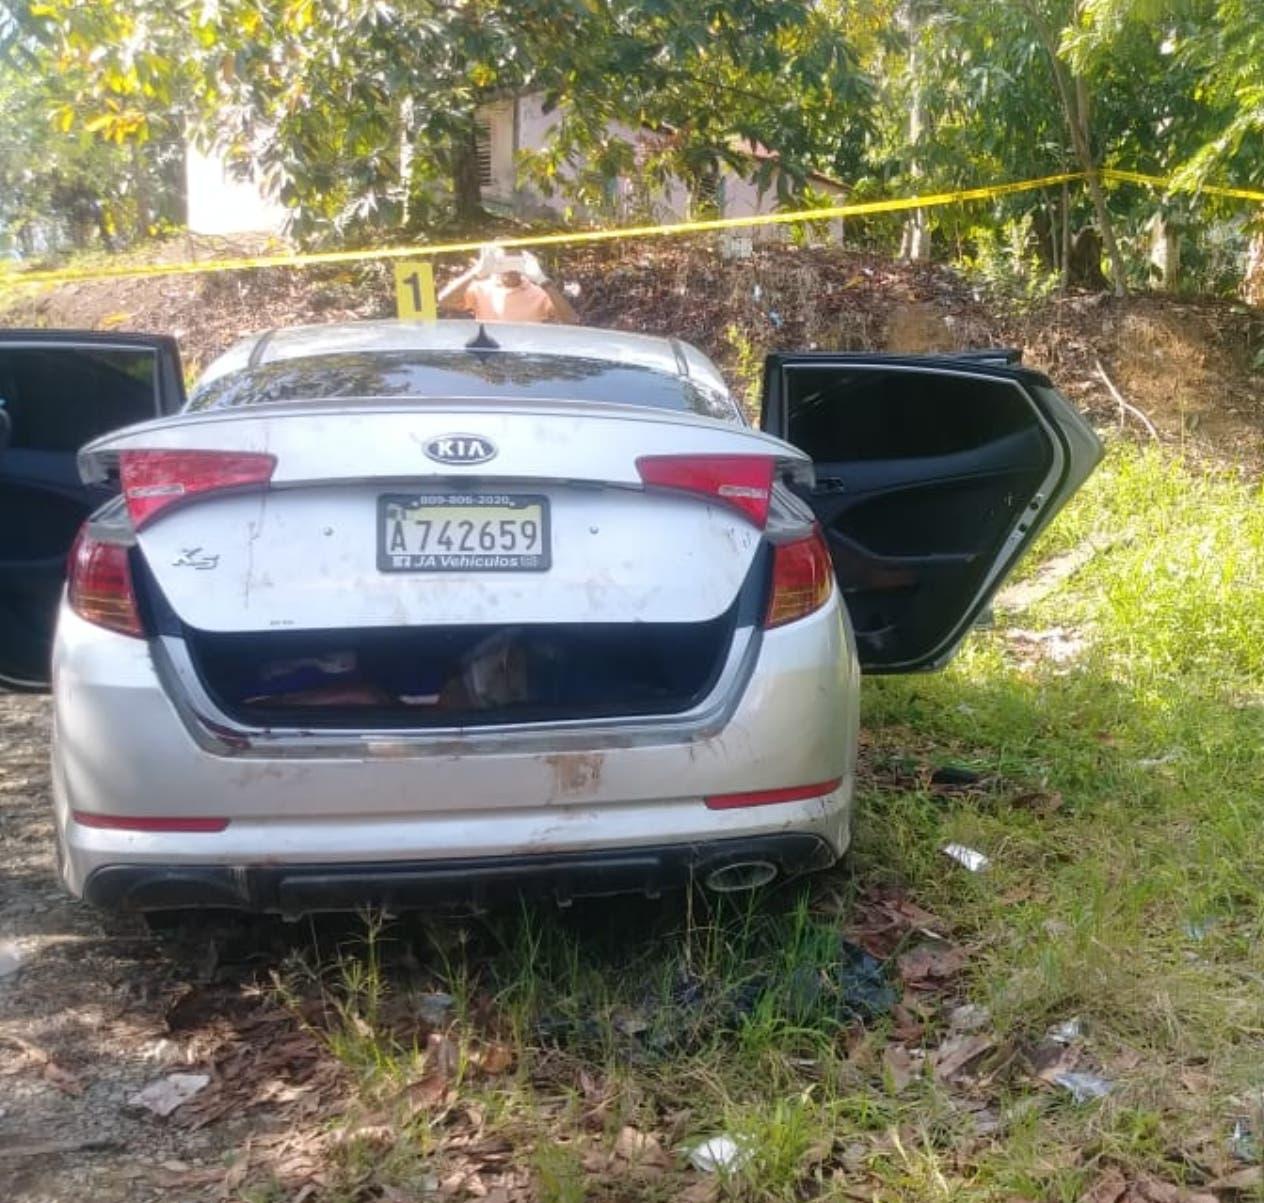 El vehículo en el que fueron halladas las víctimas permanece en poder de las autoridades.